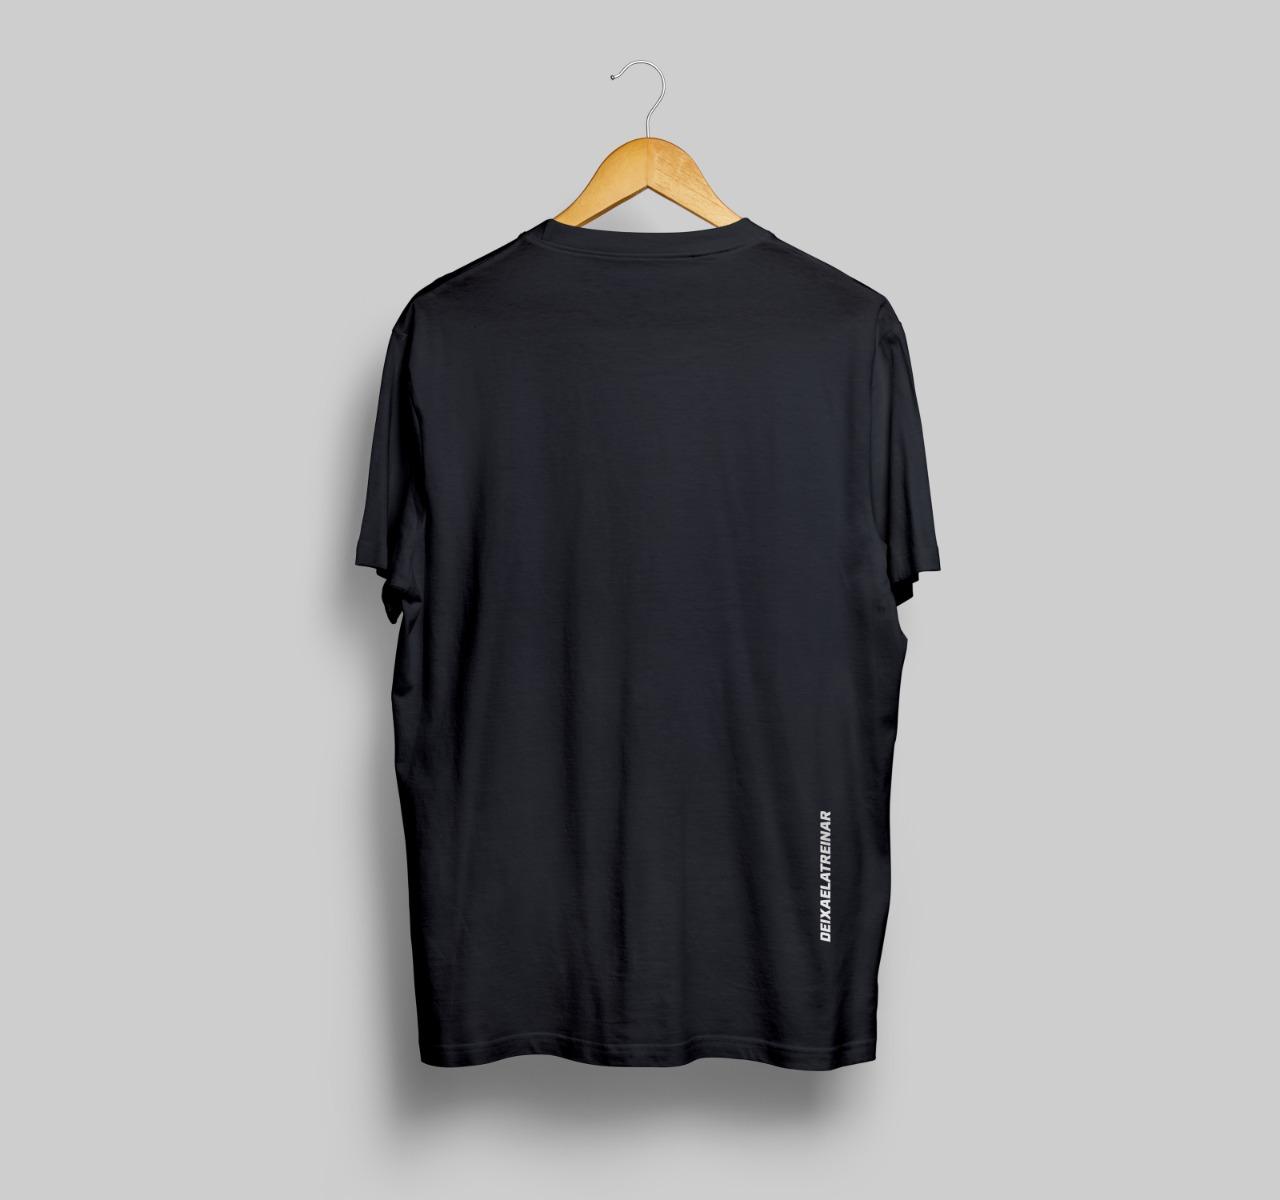 Camiseta desculpe o atraso